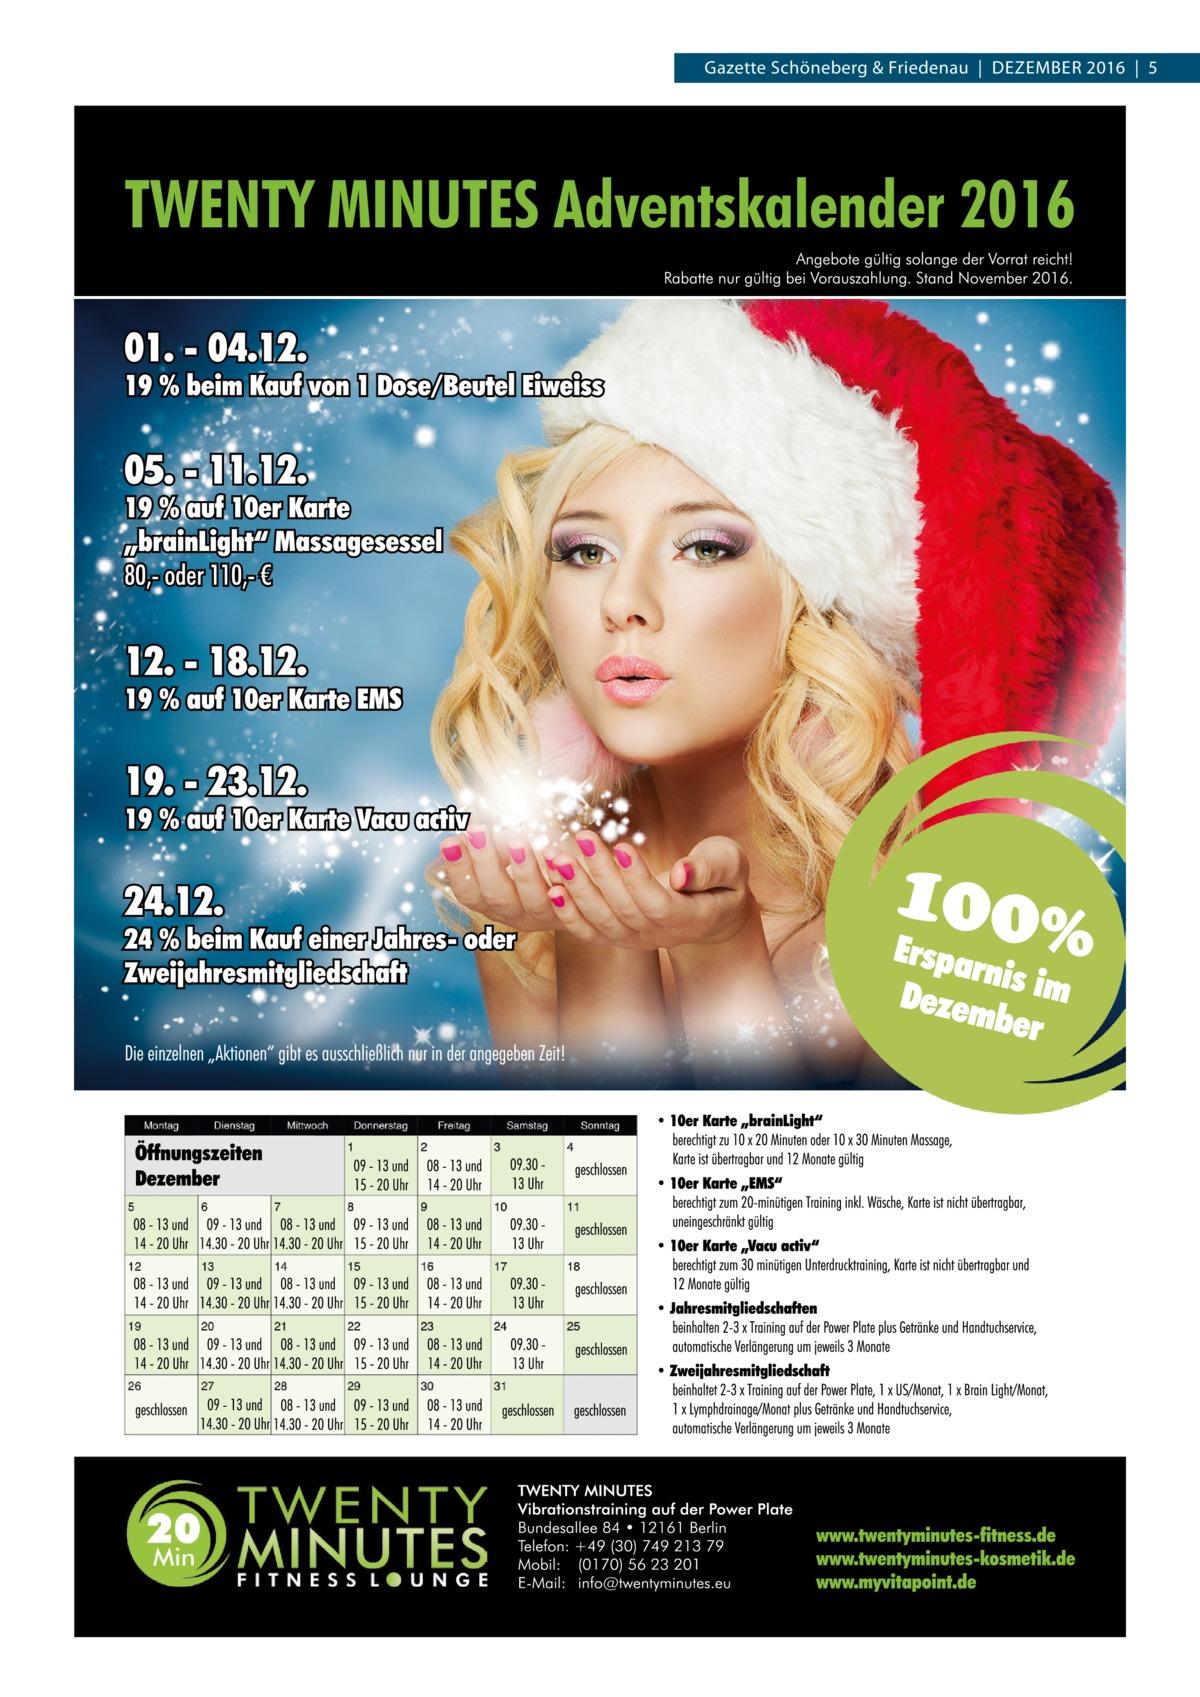 Gazette Schöneberg & Friedenau|Dezember 2016|5